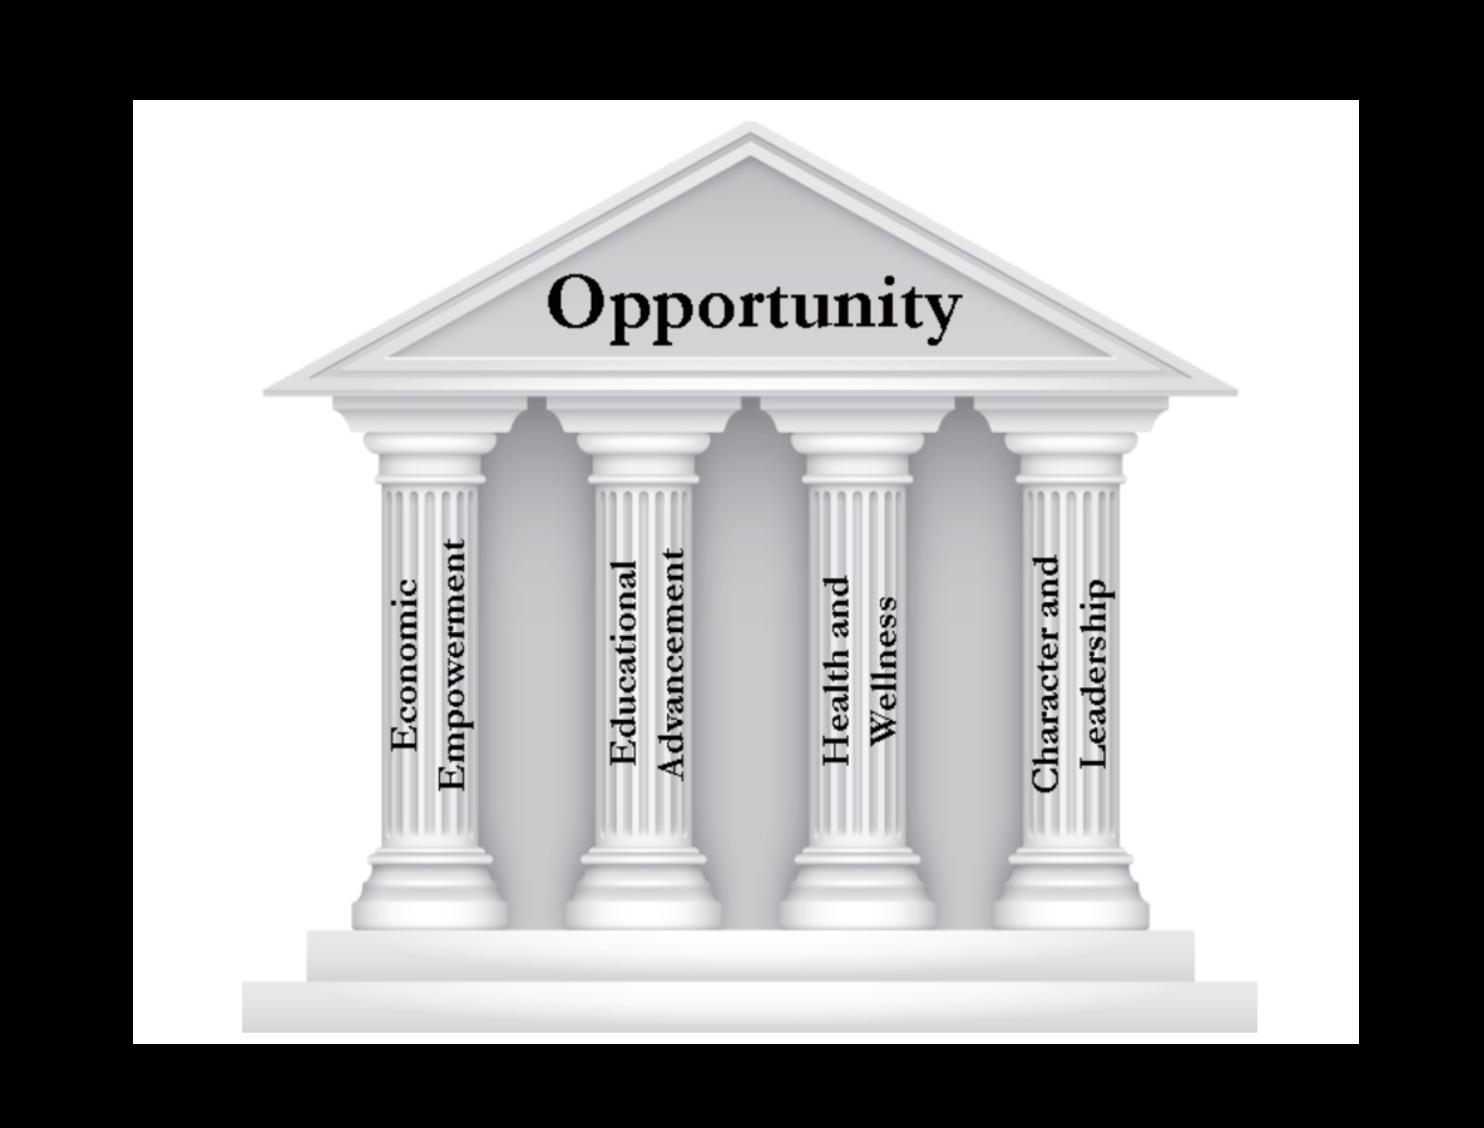 iAM Solutions' Portfolio